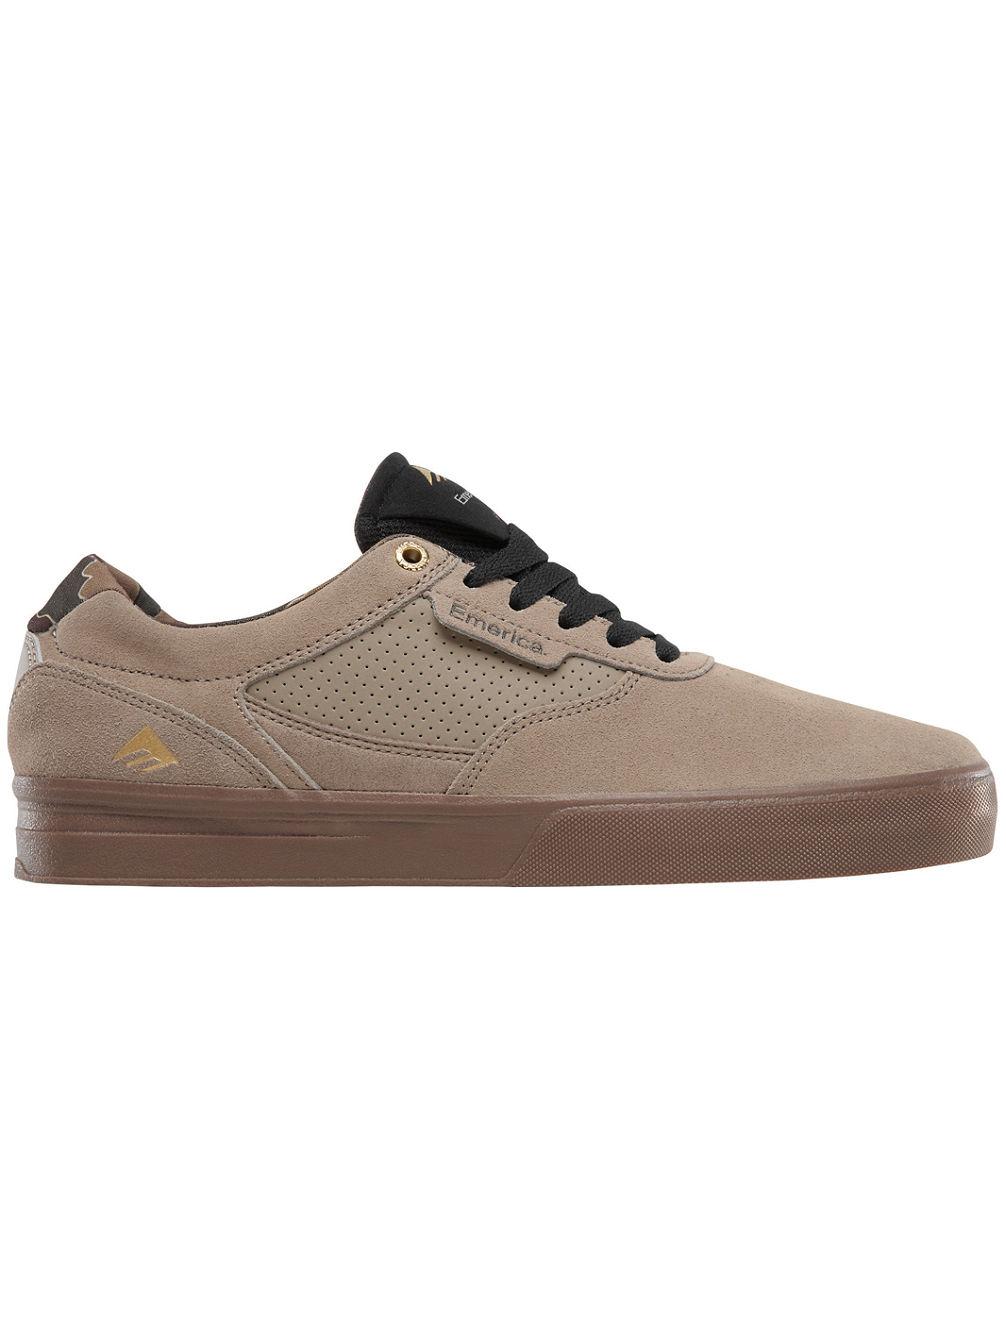 Emerica Empire G6 Skateschuhe online kaufen bei blue-tomato.com